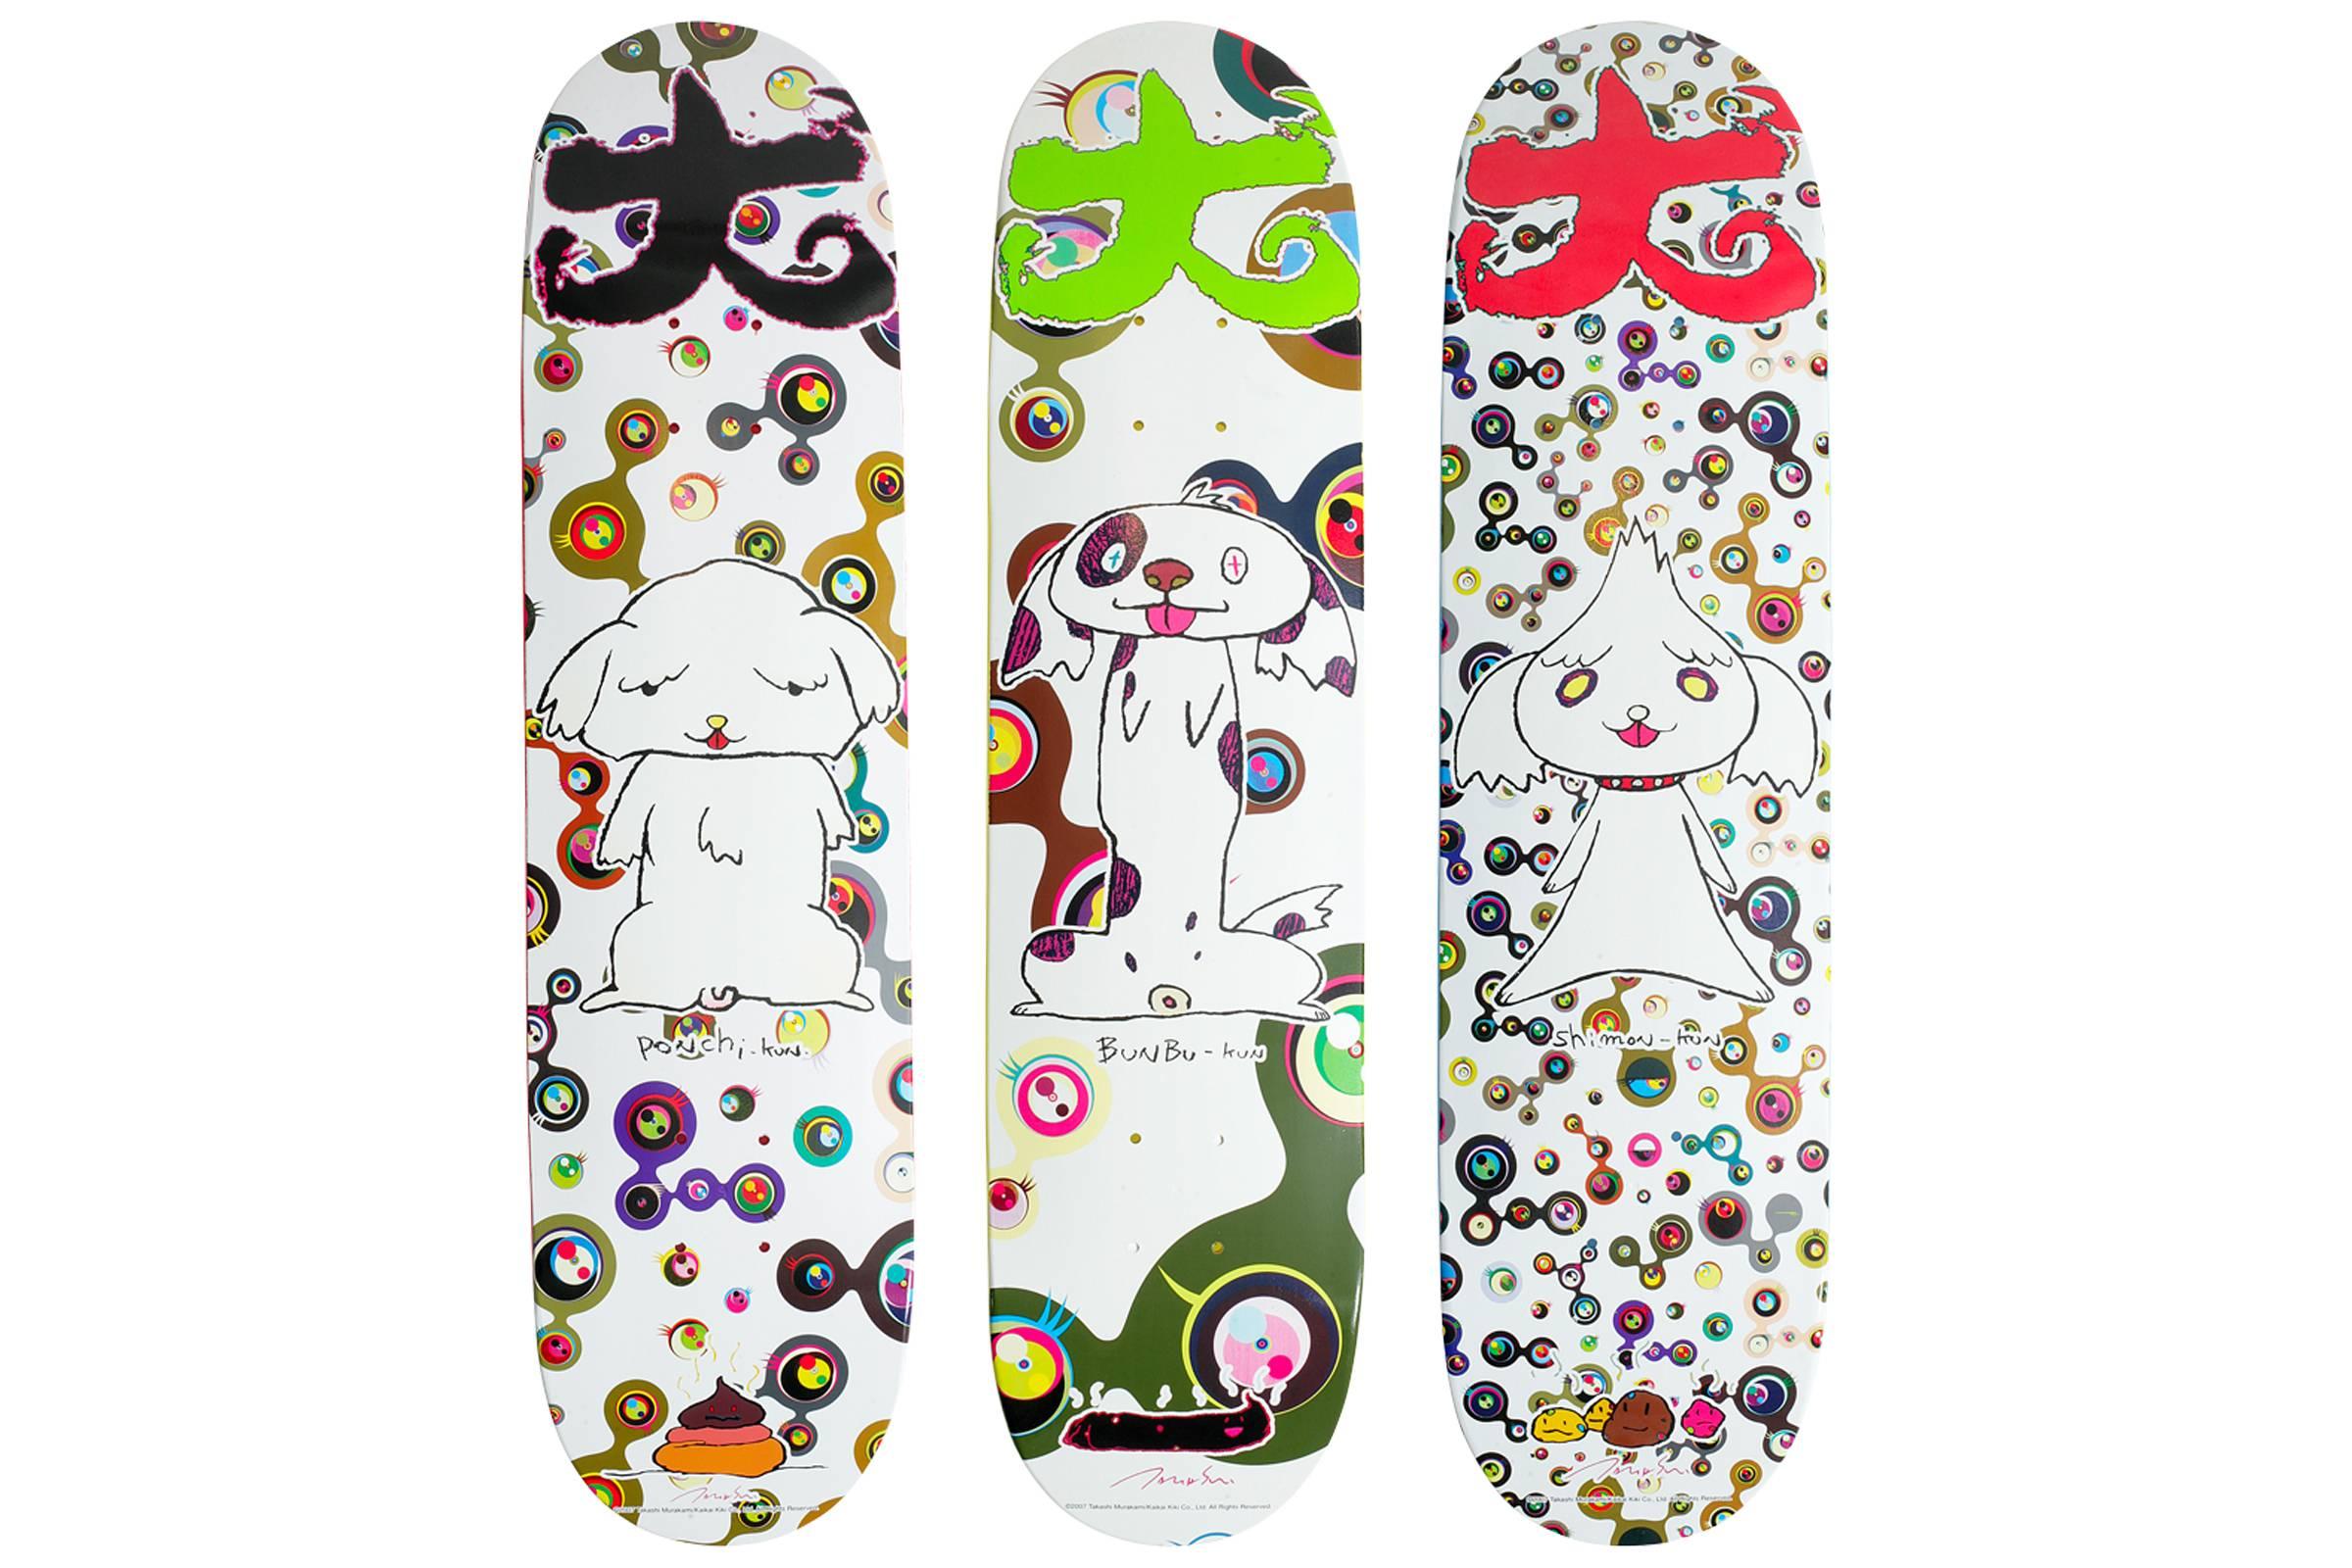 Supreme x Takashi Murakami skate decks (2007)